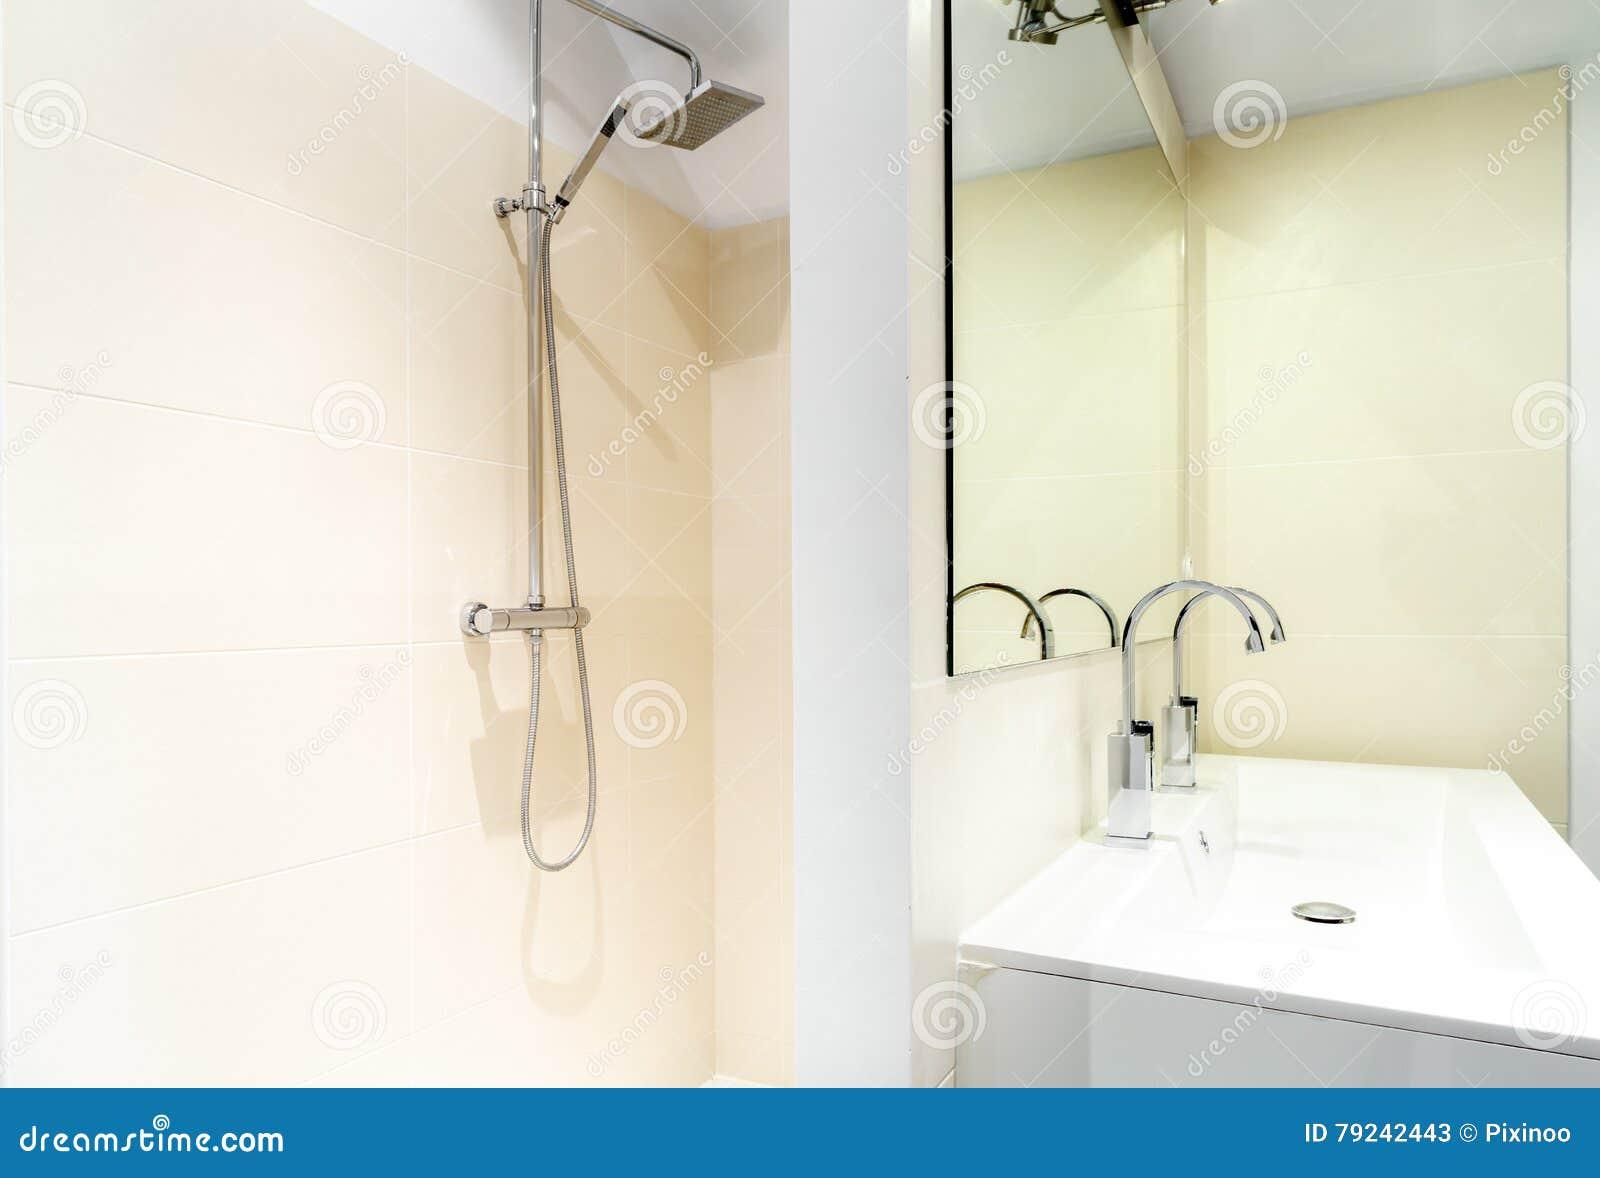 italienische dusche in einem modernen badezimmer stockbild - bild